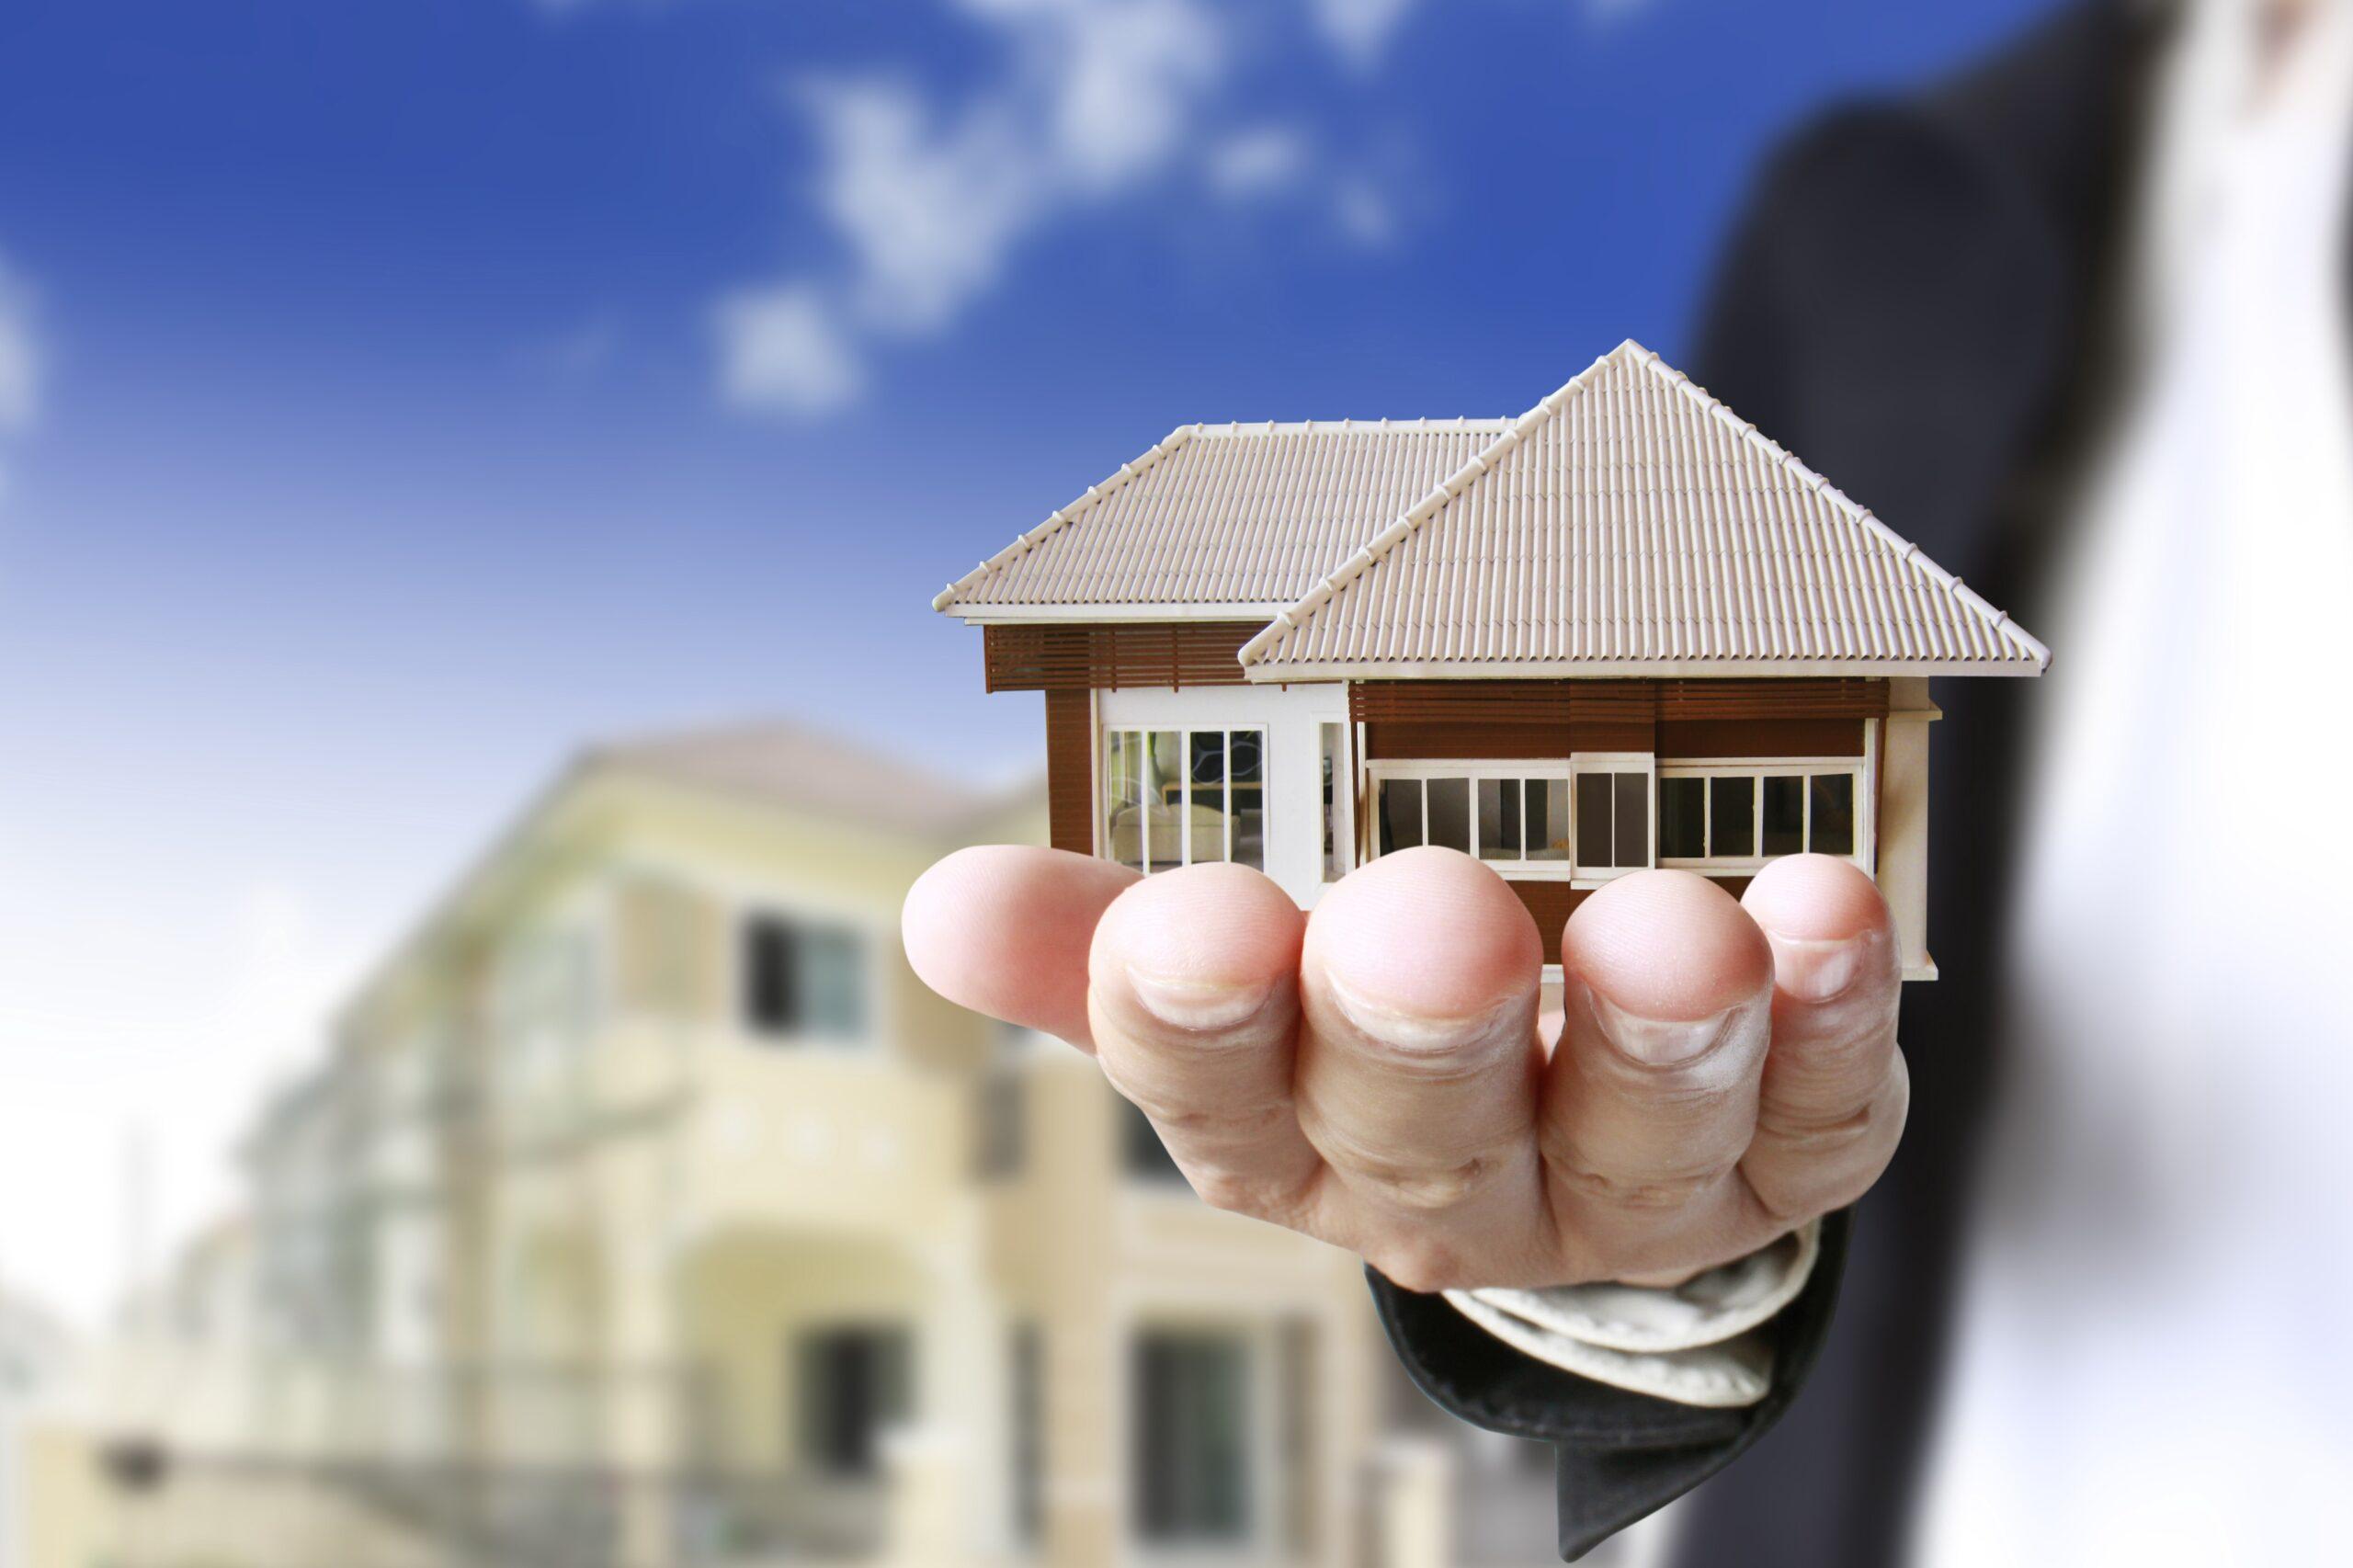 Брать или не брать: как рассчитать ежемесячный взнос по ипотеке, чтобы не попасть в долговую яму